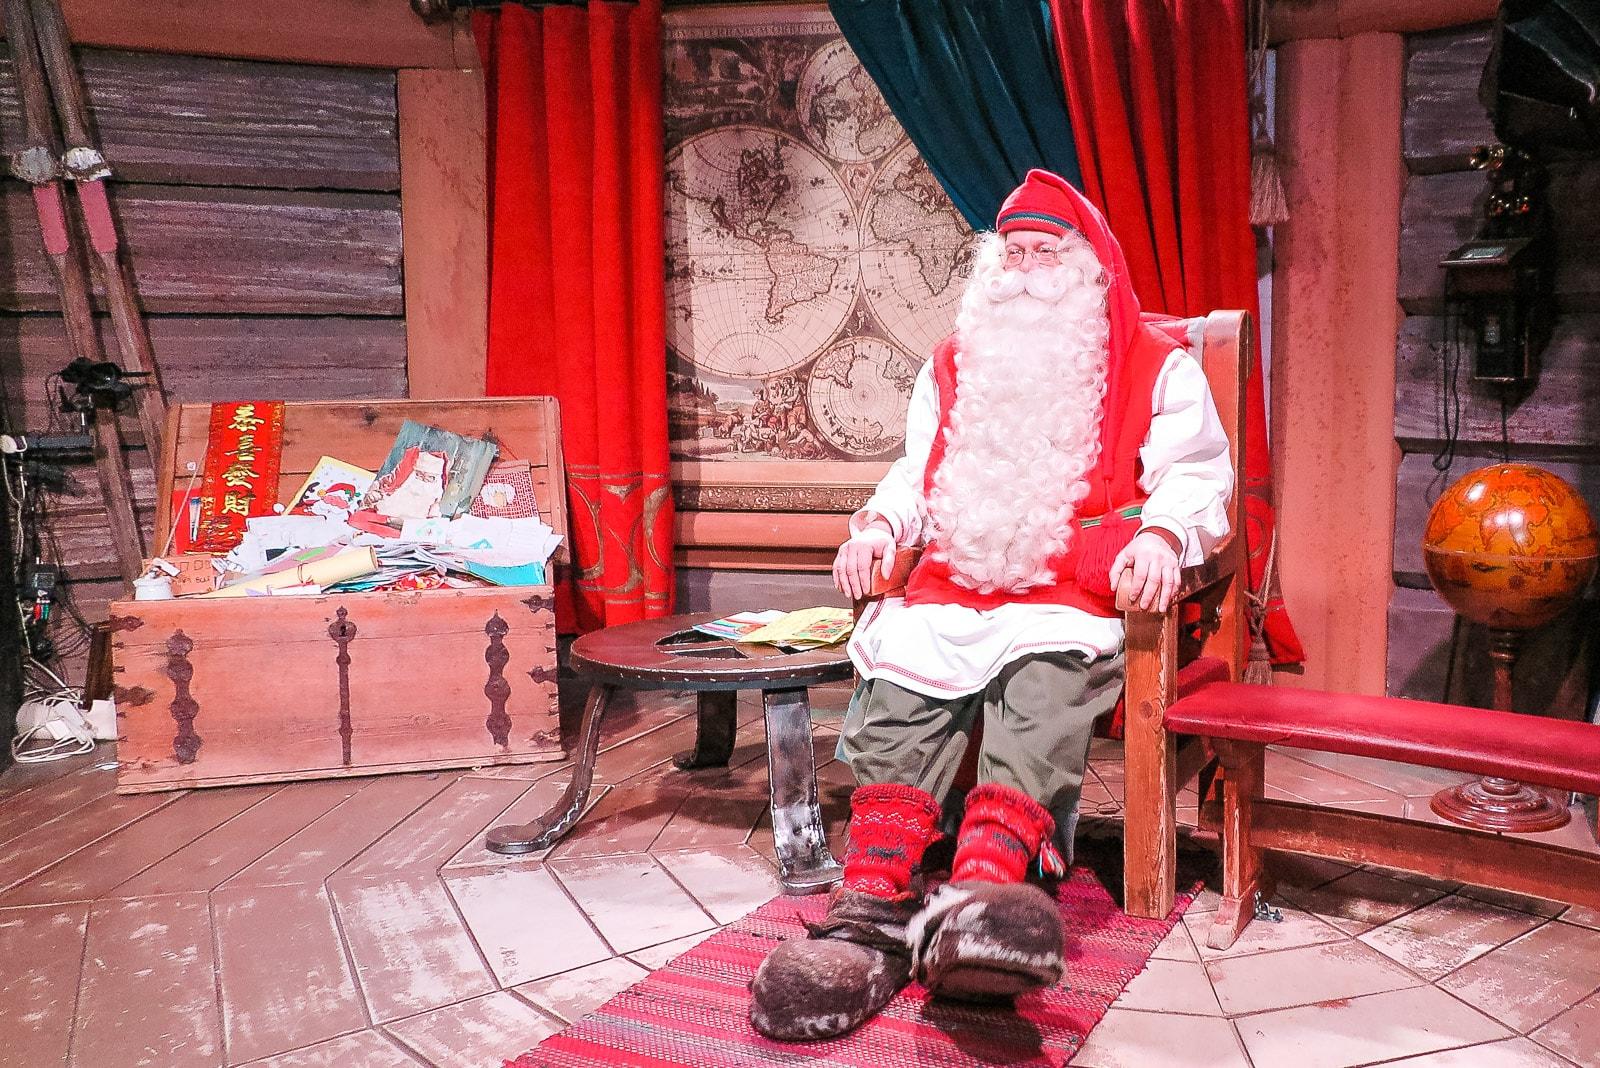 Audienz beim Weihnachtsmann: Santa Claus himself